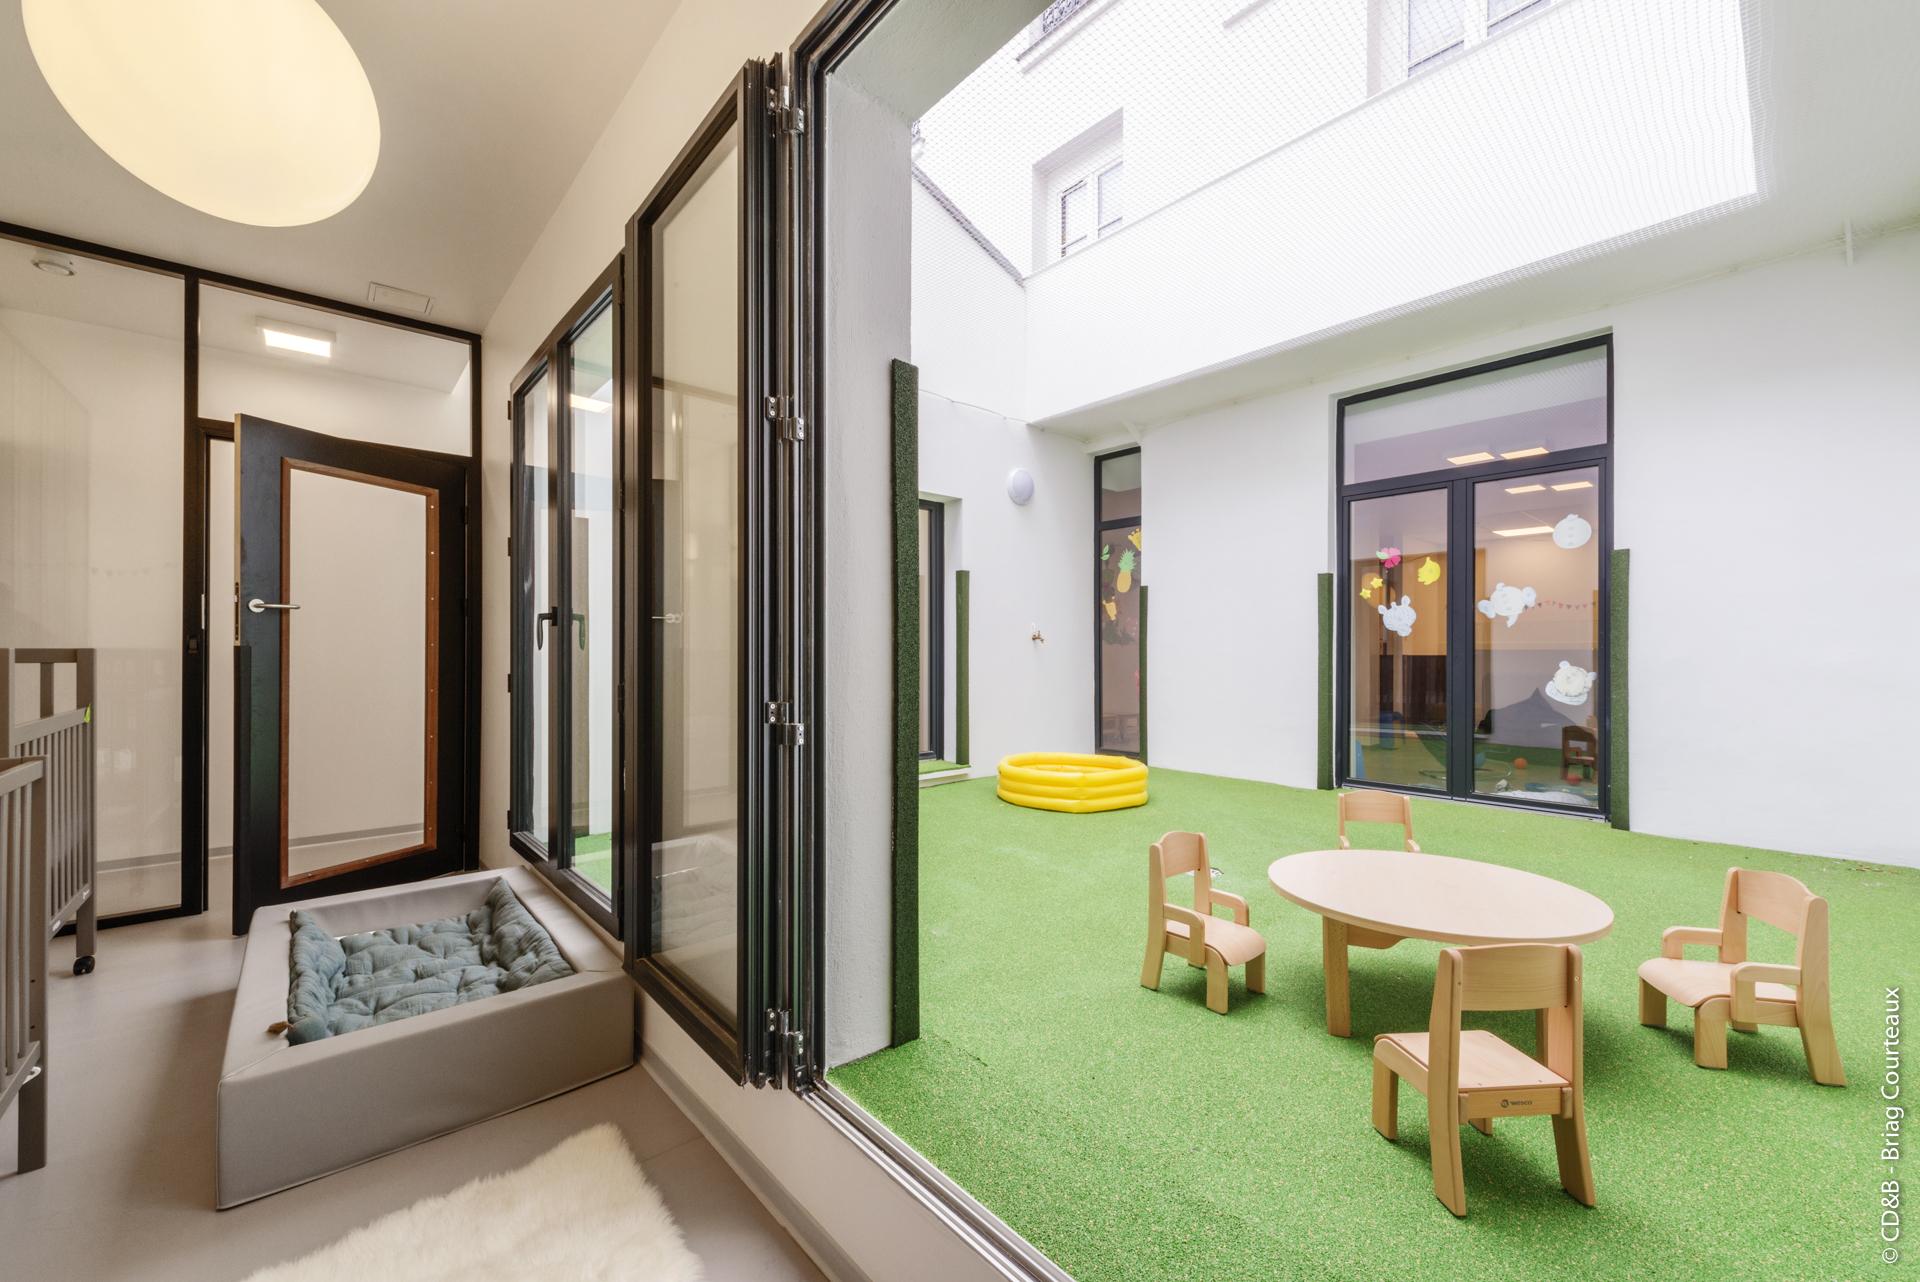 Conseil, aménagement, conception et réalisation des espaces des Petits Ateliers d'Éveil par CDB, Meet you there.